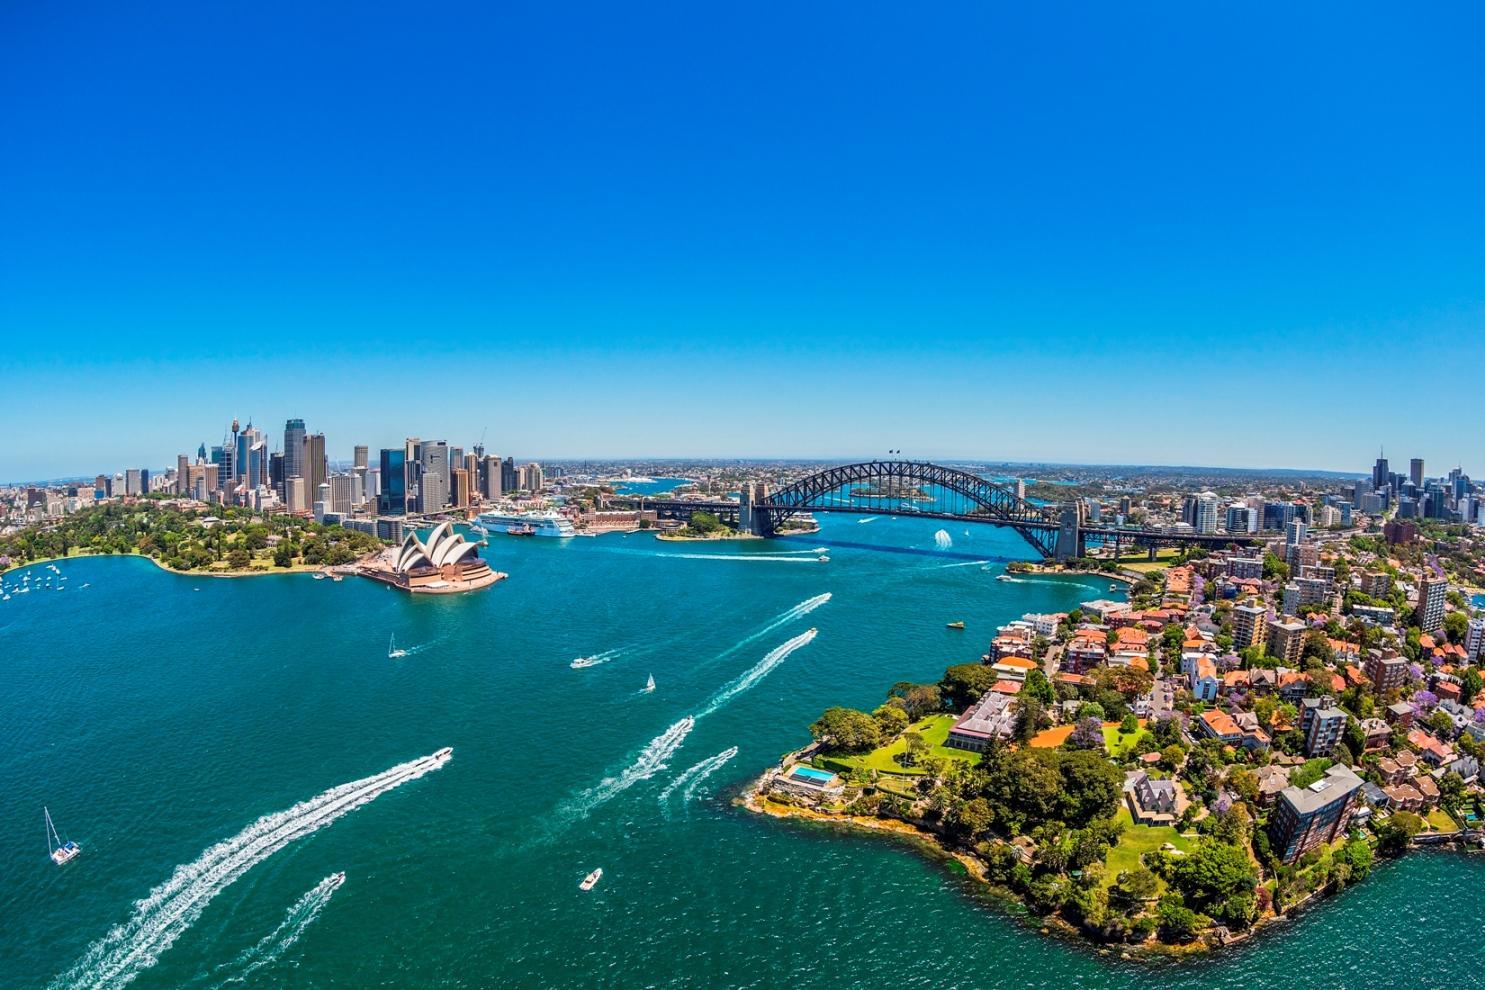 Vols A/R Paris - Sydney du 6 au 20 Novembre